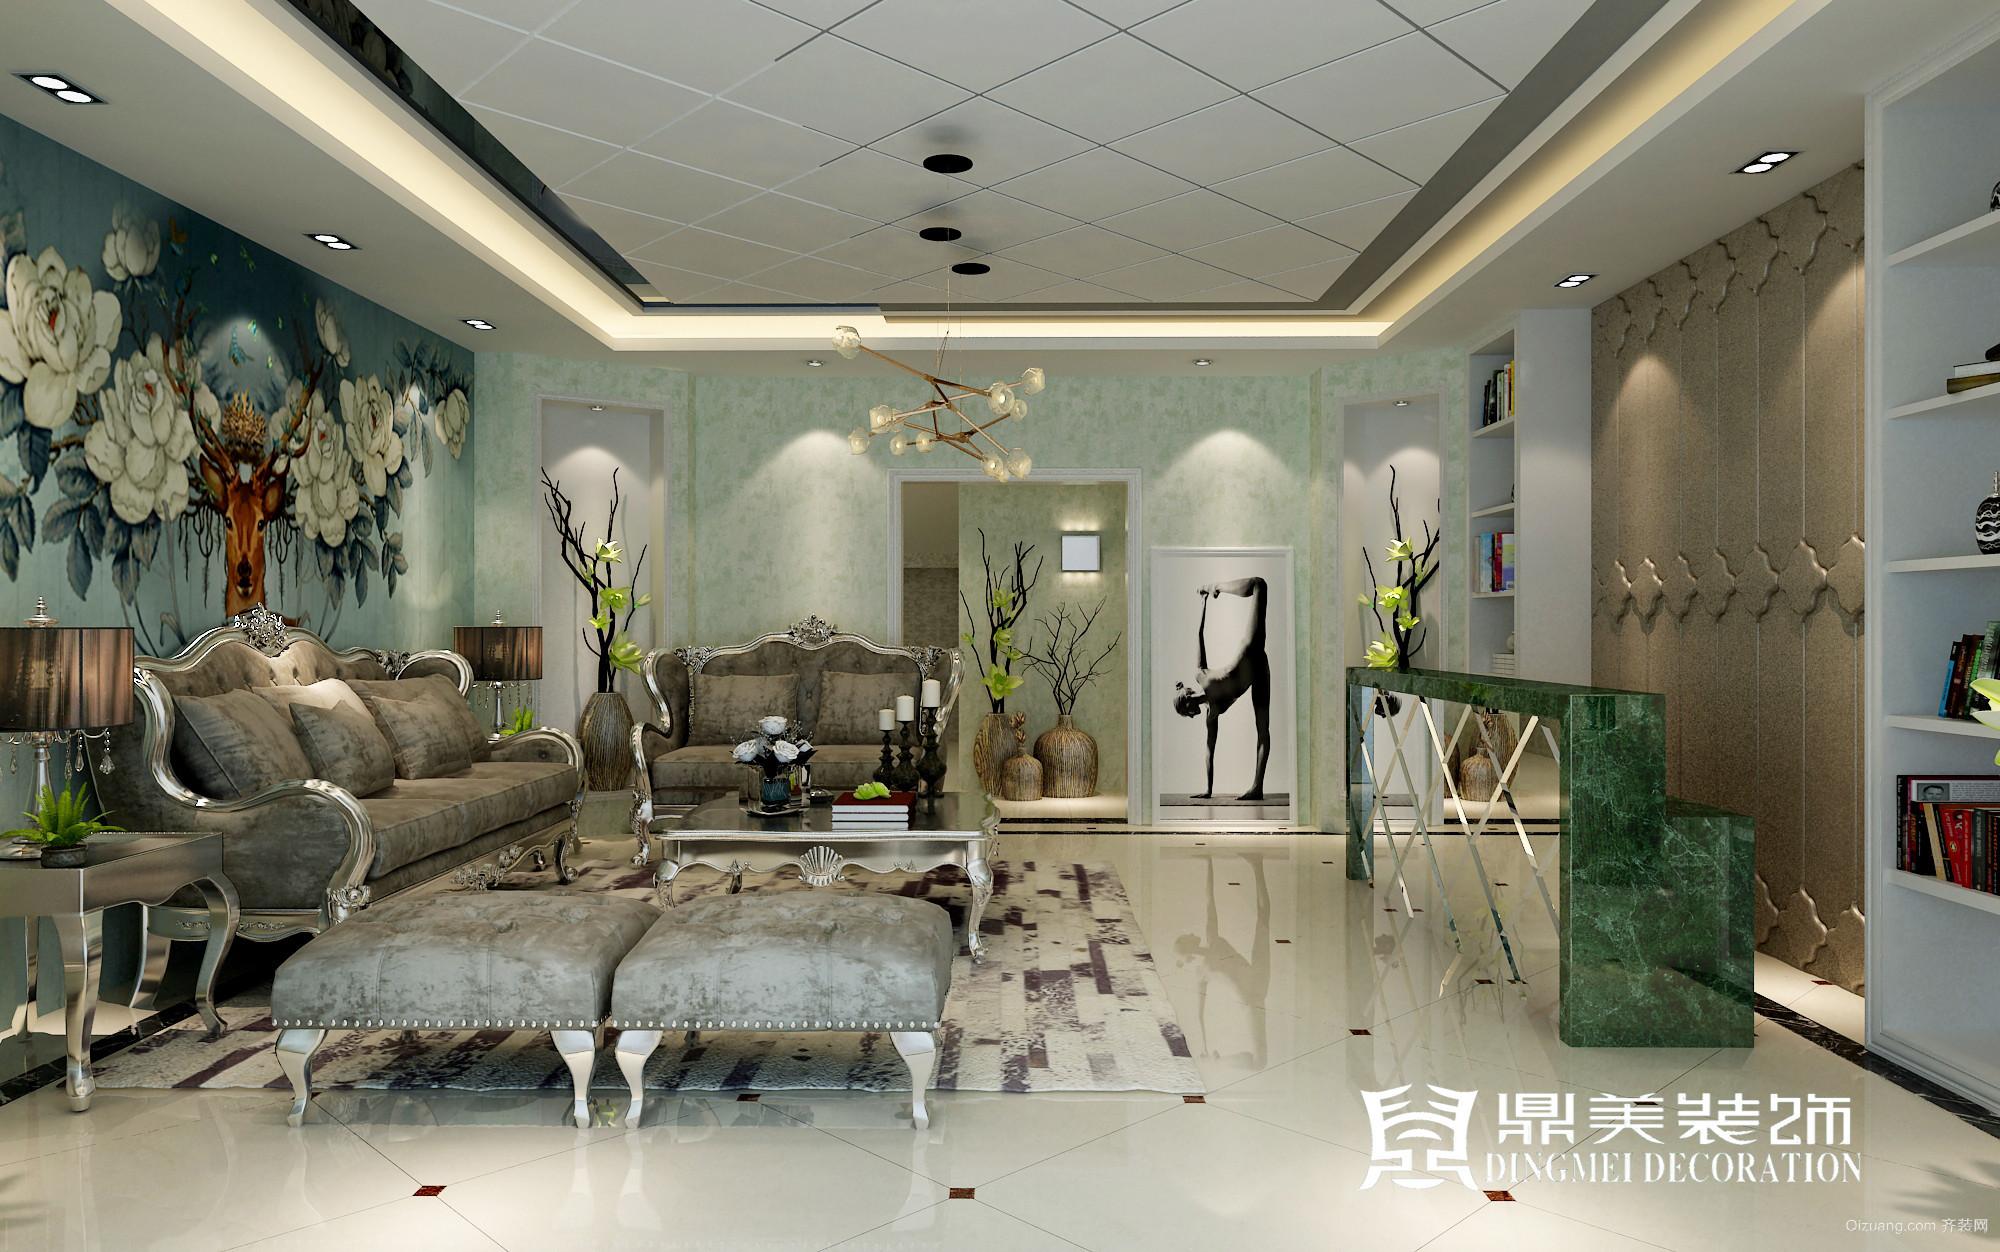 梵志瑜伽馆欧式风格装修效果图实景图